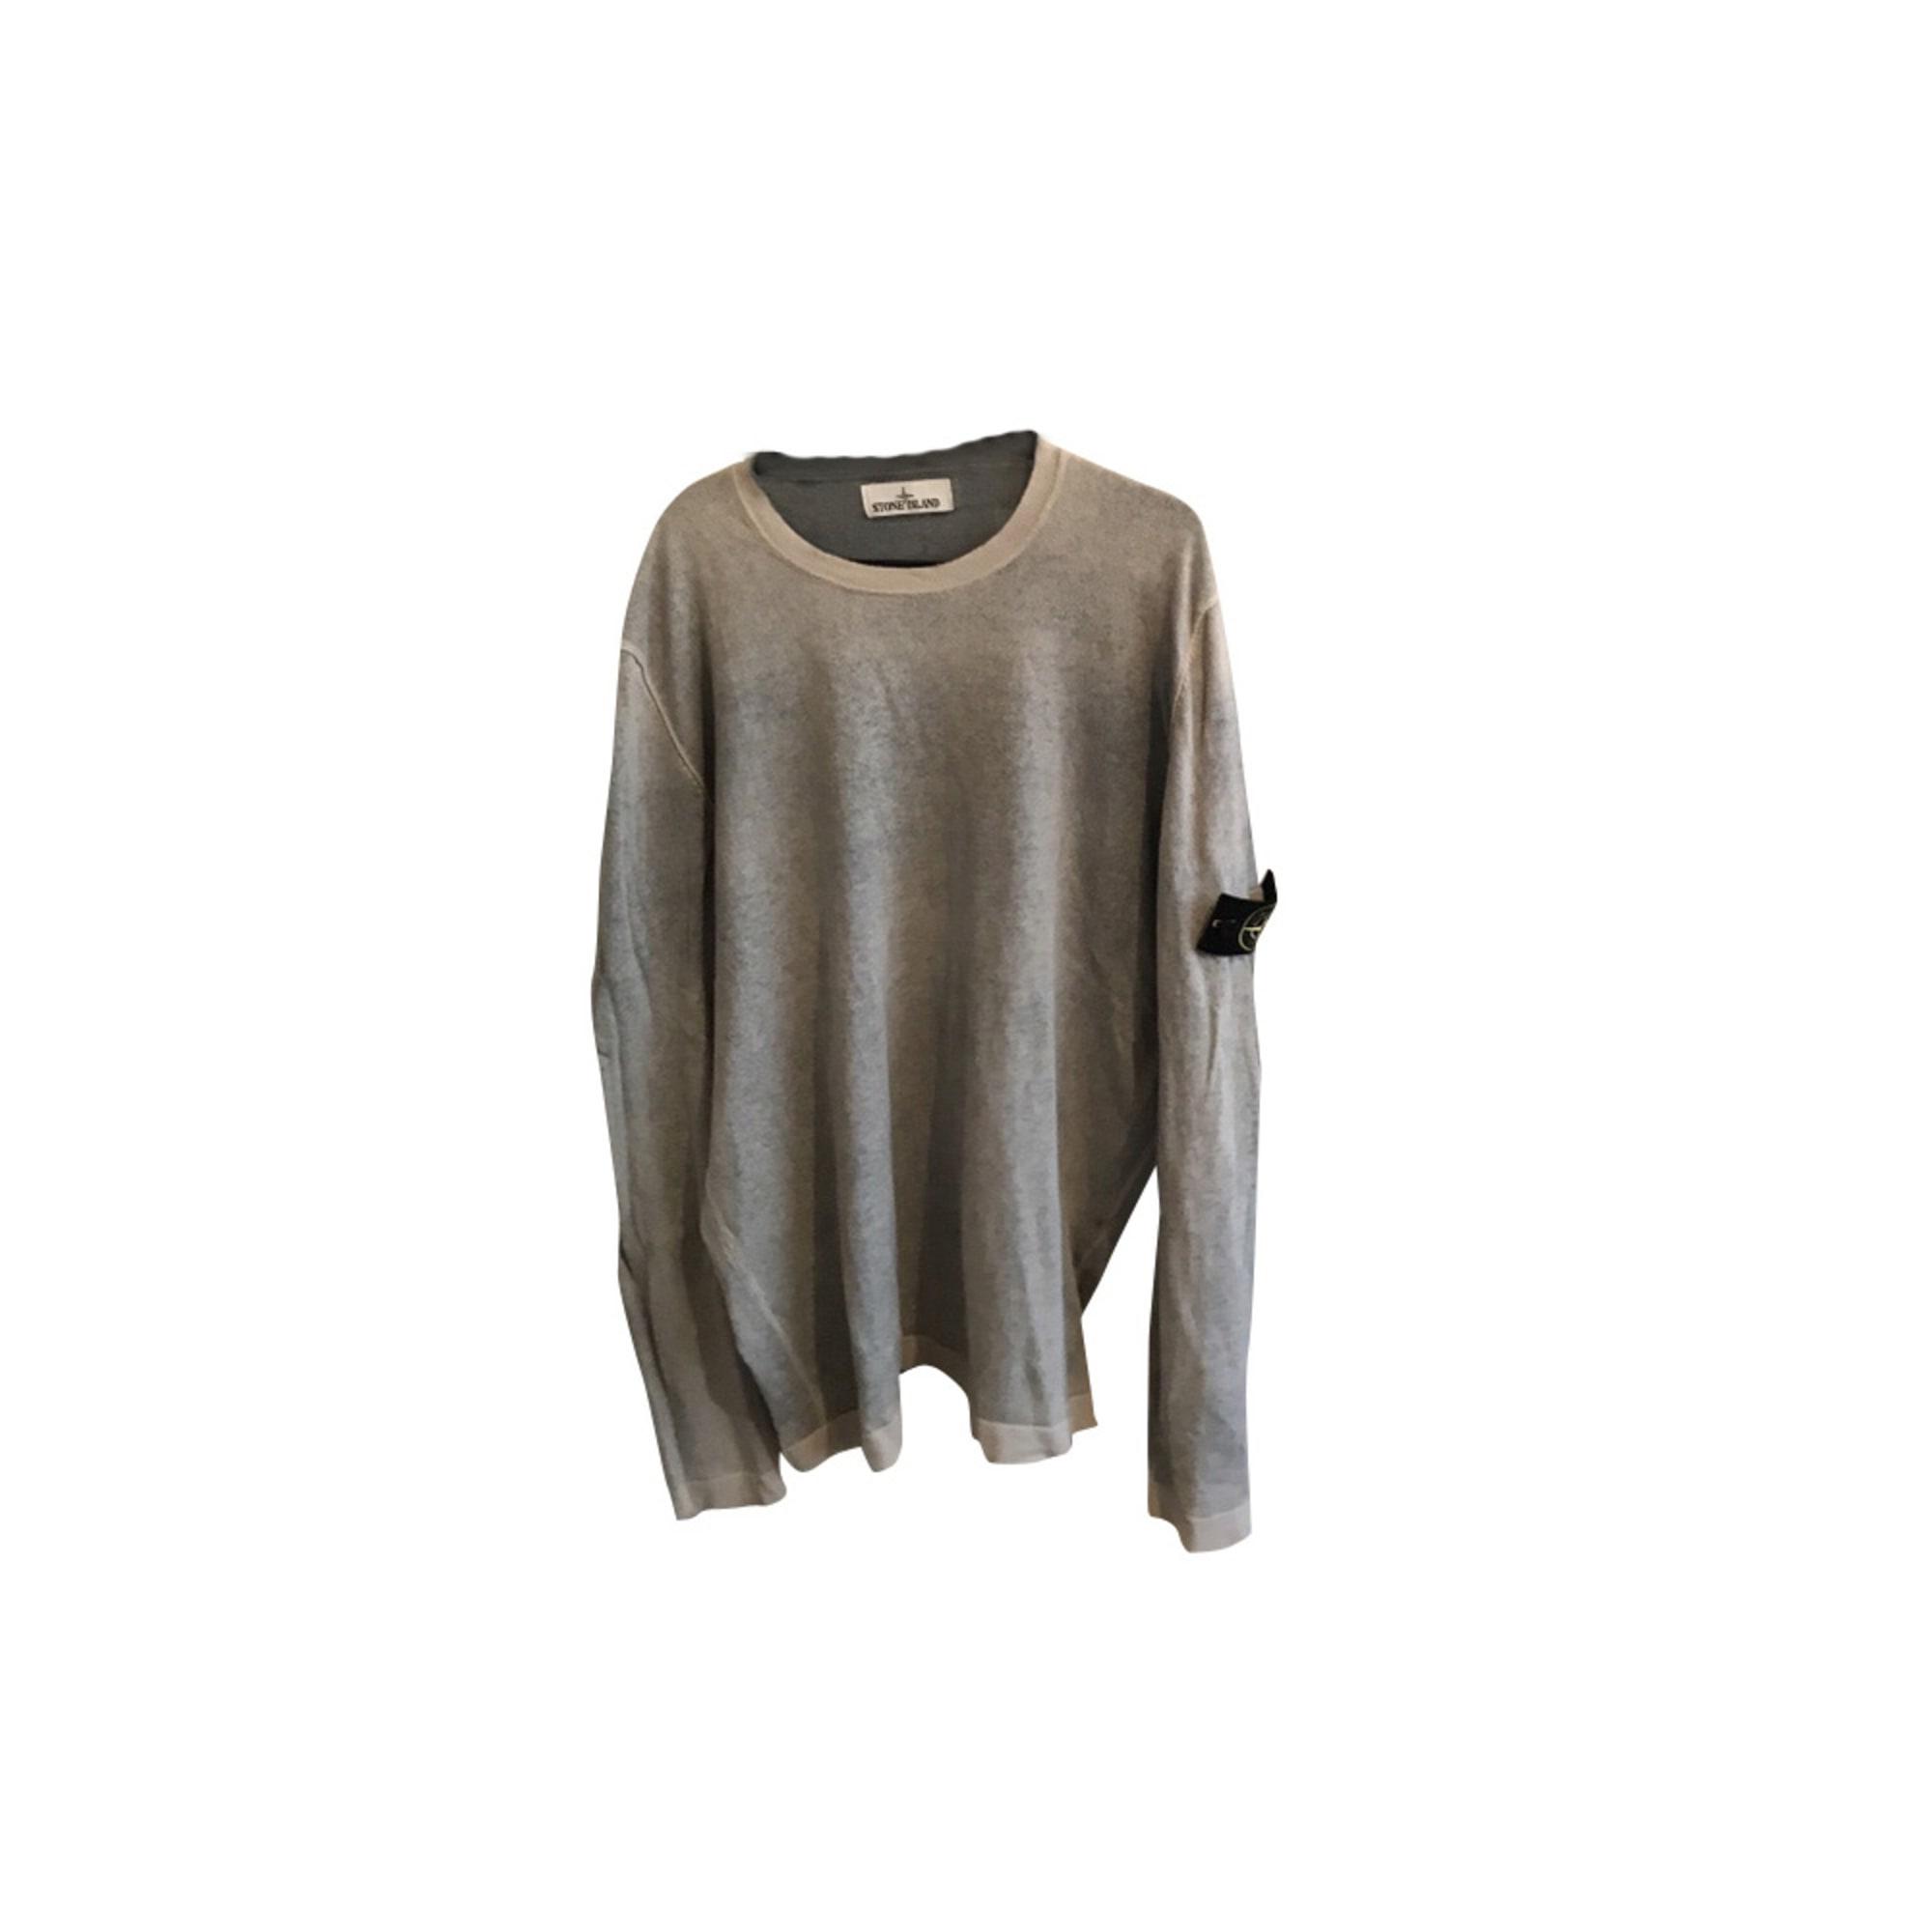 Sweatshirt STONE ISLAND Gray, charcoal